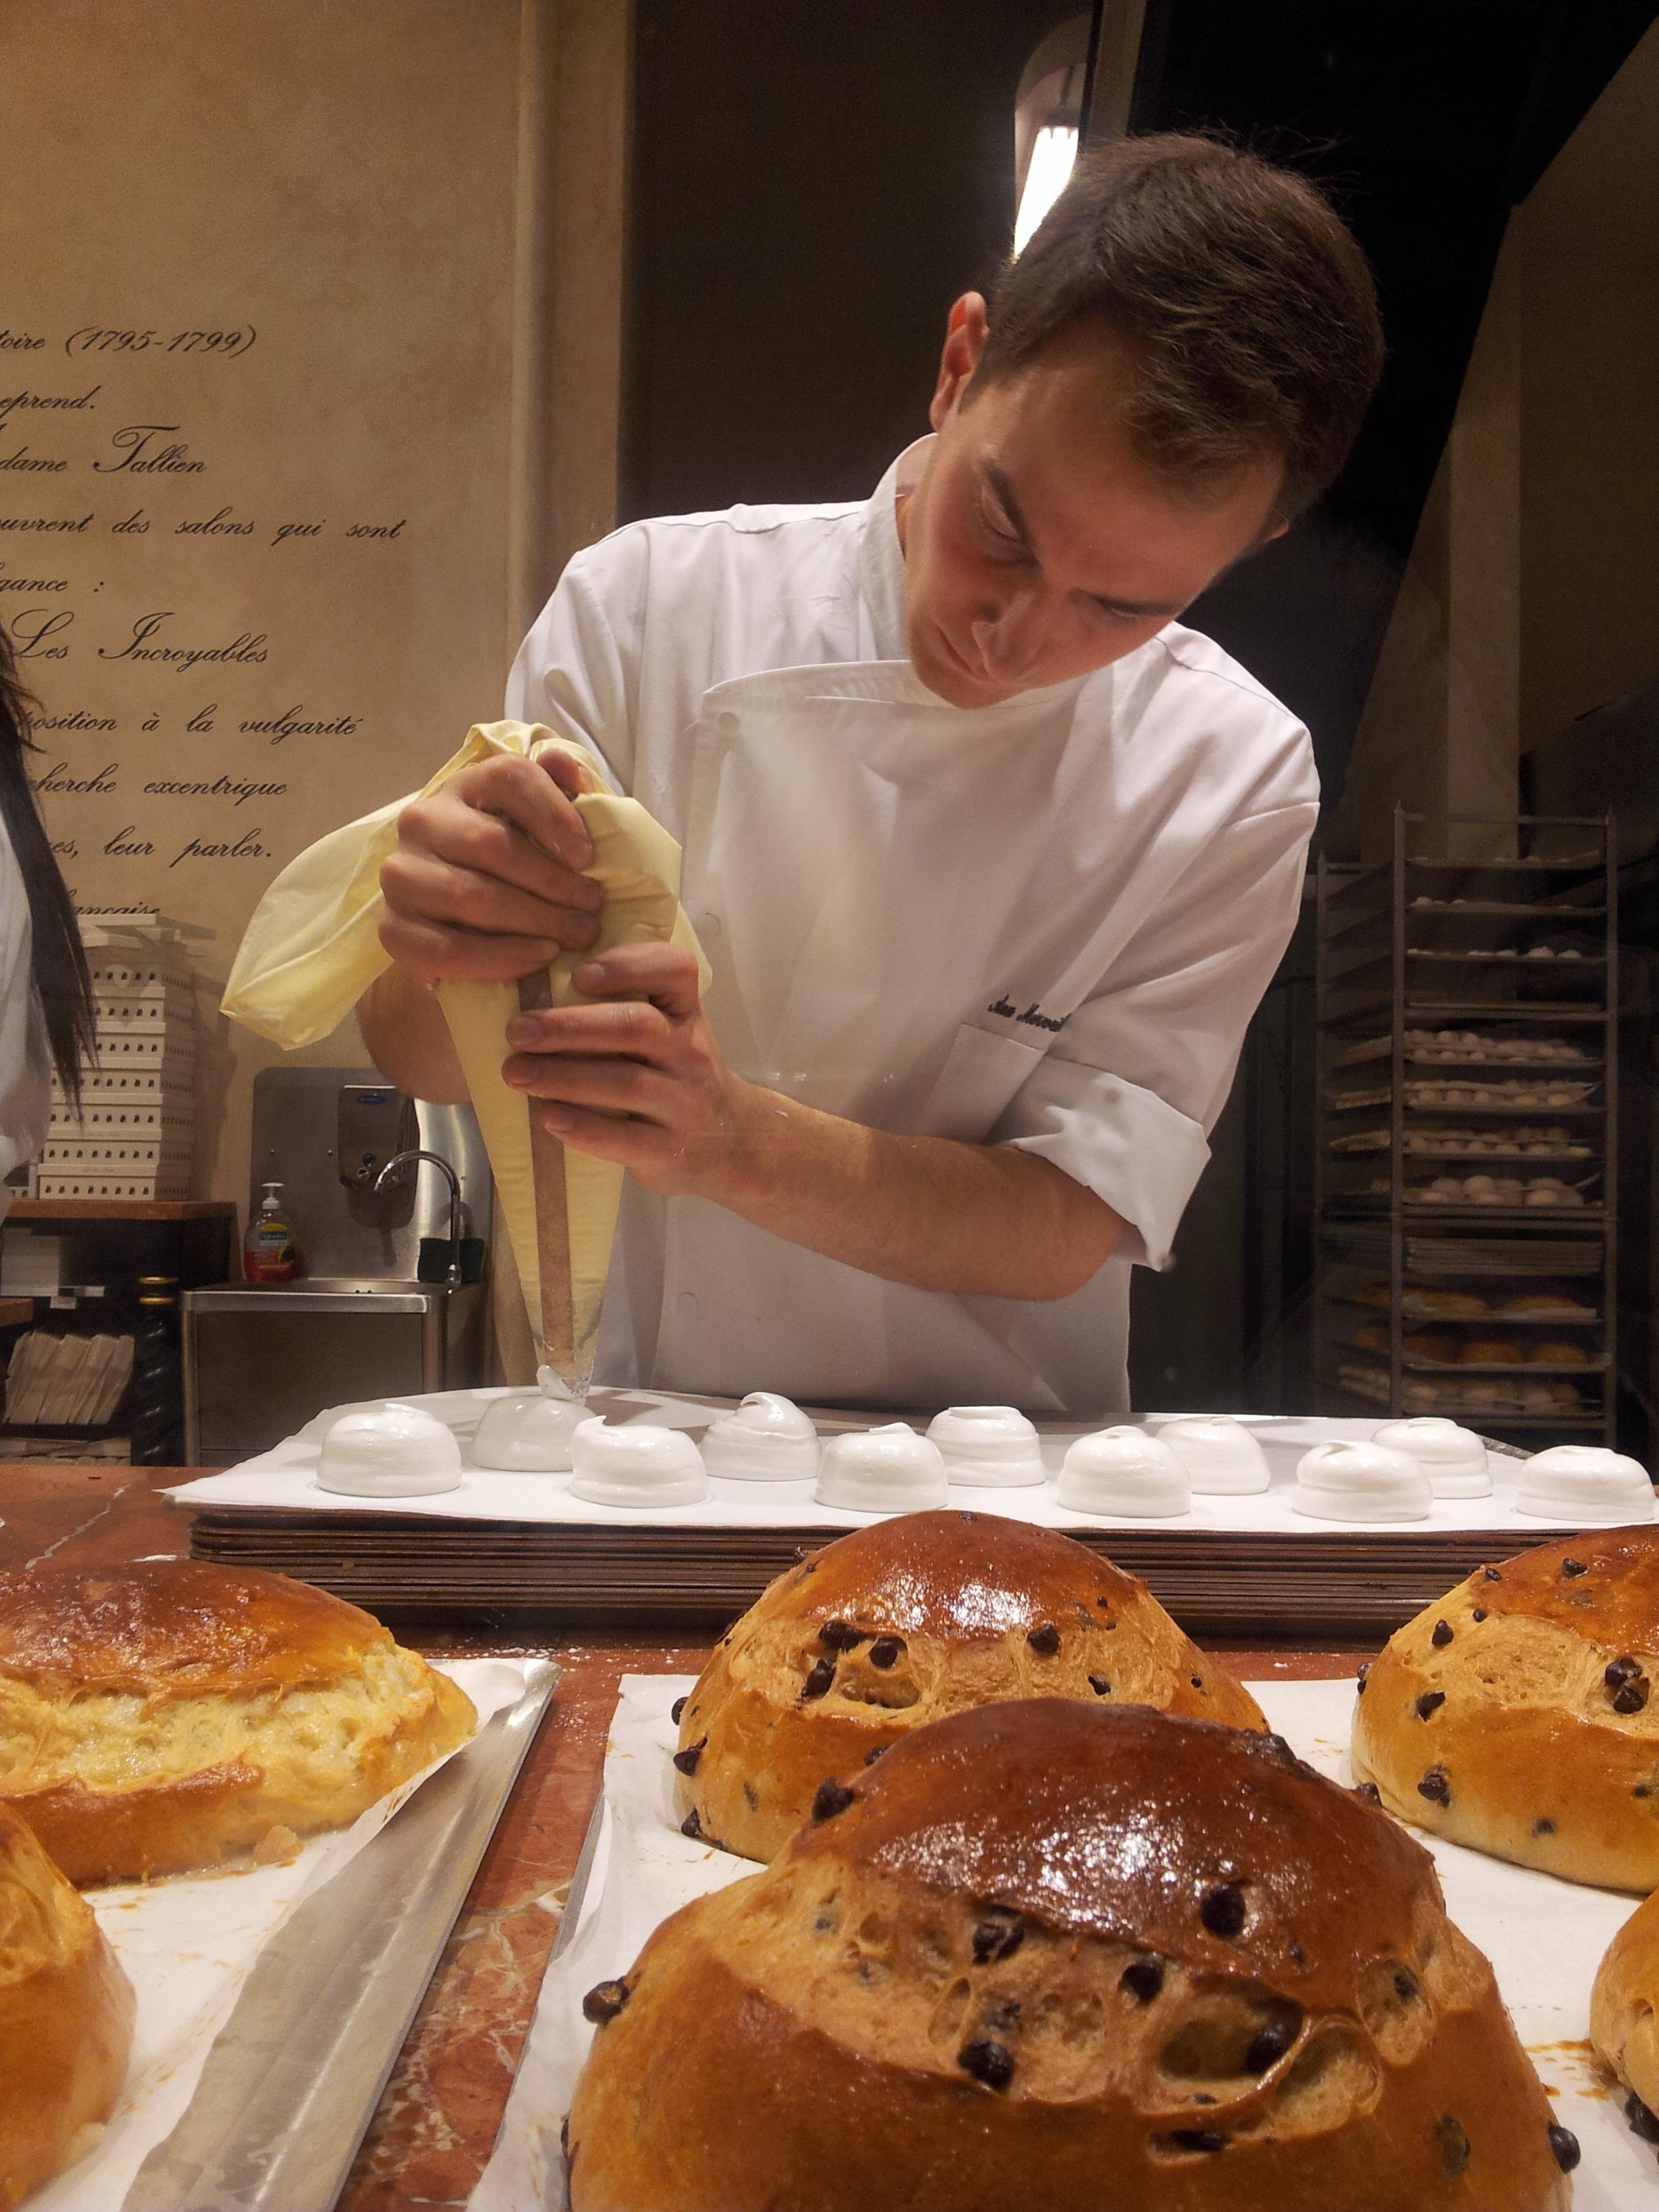 Metier En Rapport Avec La Cuisine #8: La Personne Repas Aliments Cuisine Professionnel Métier Déjeuner Cuisson  Cuisine Boulangerie Cuisinier Boulanger Desserts Chef Pâtissier